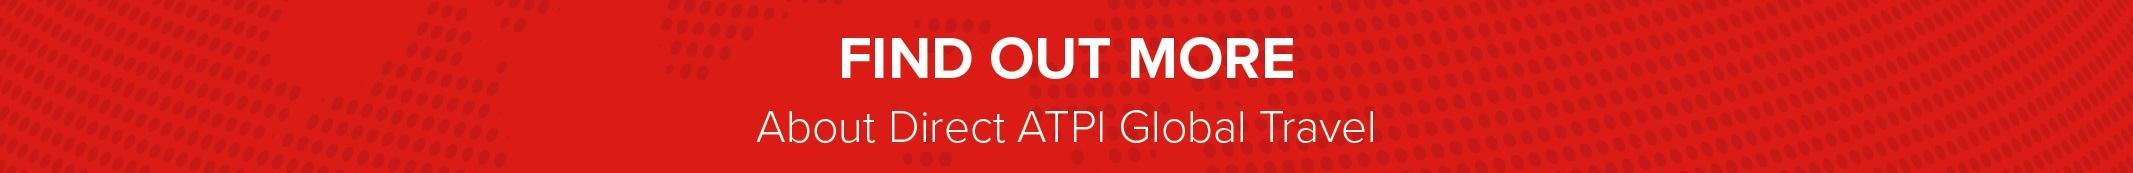 UK - Direct ATPI - BTS2019 - 1600x265